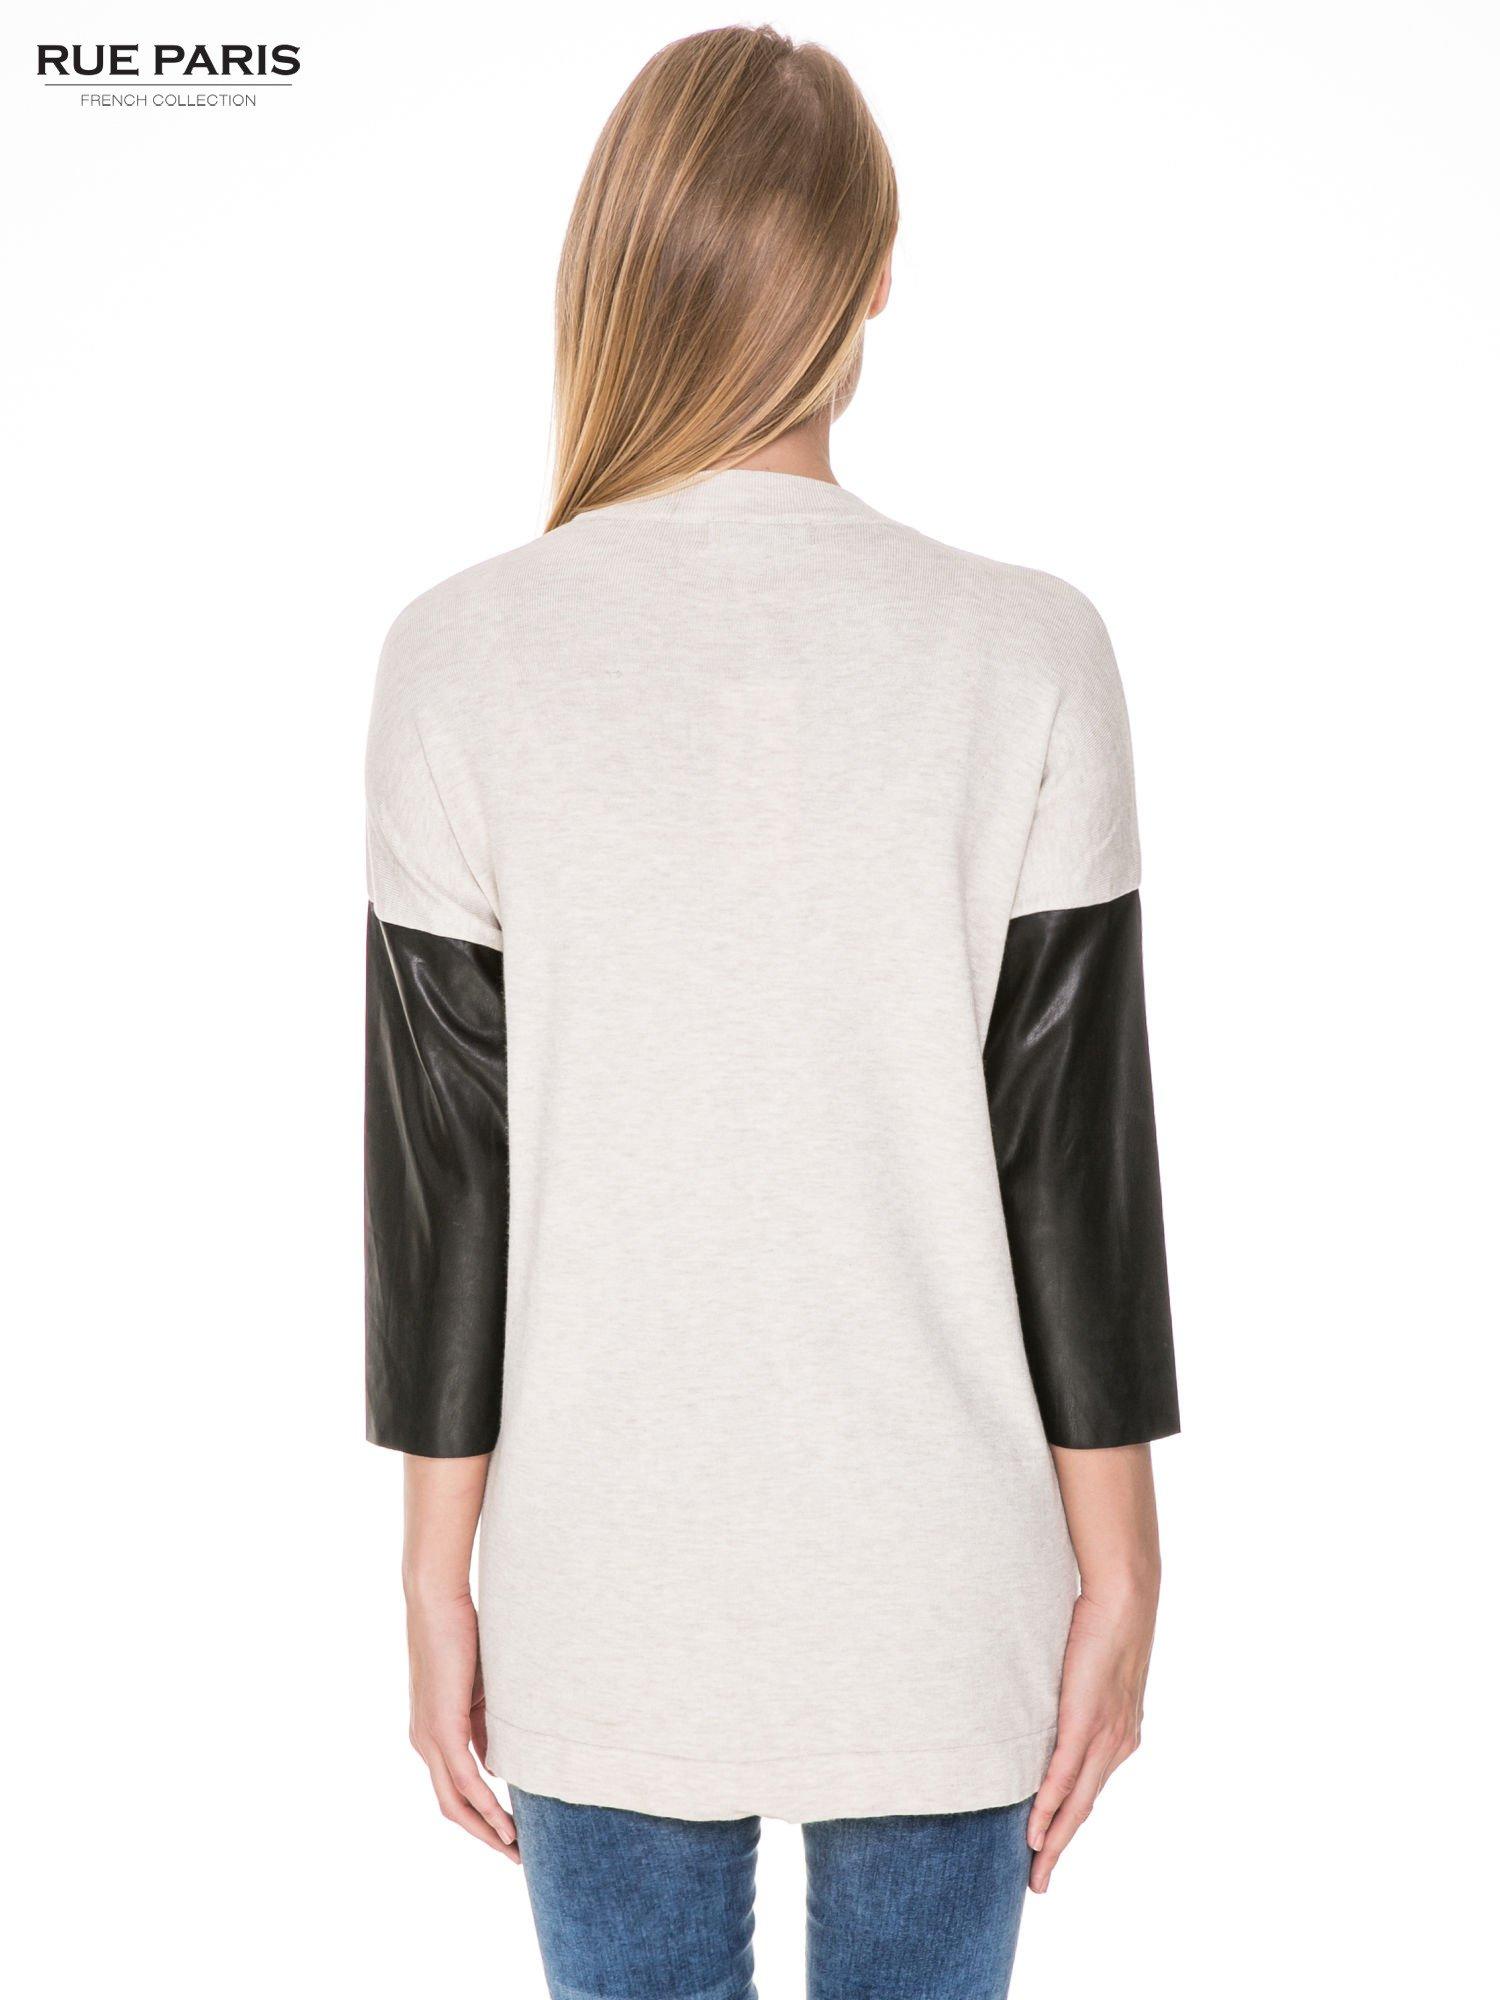 Beżowy sweter kardigan ze skórzanym rękawami 3/4                                  zdj.                                  4